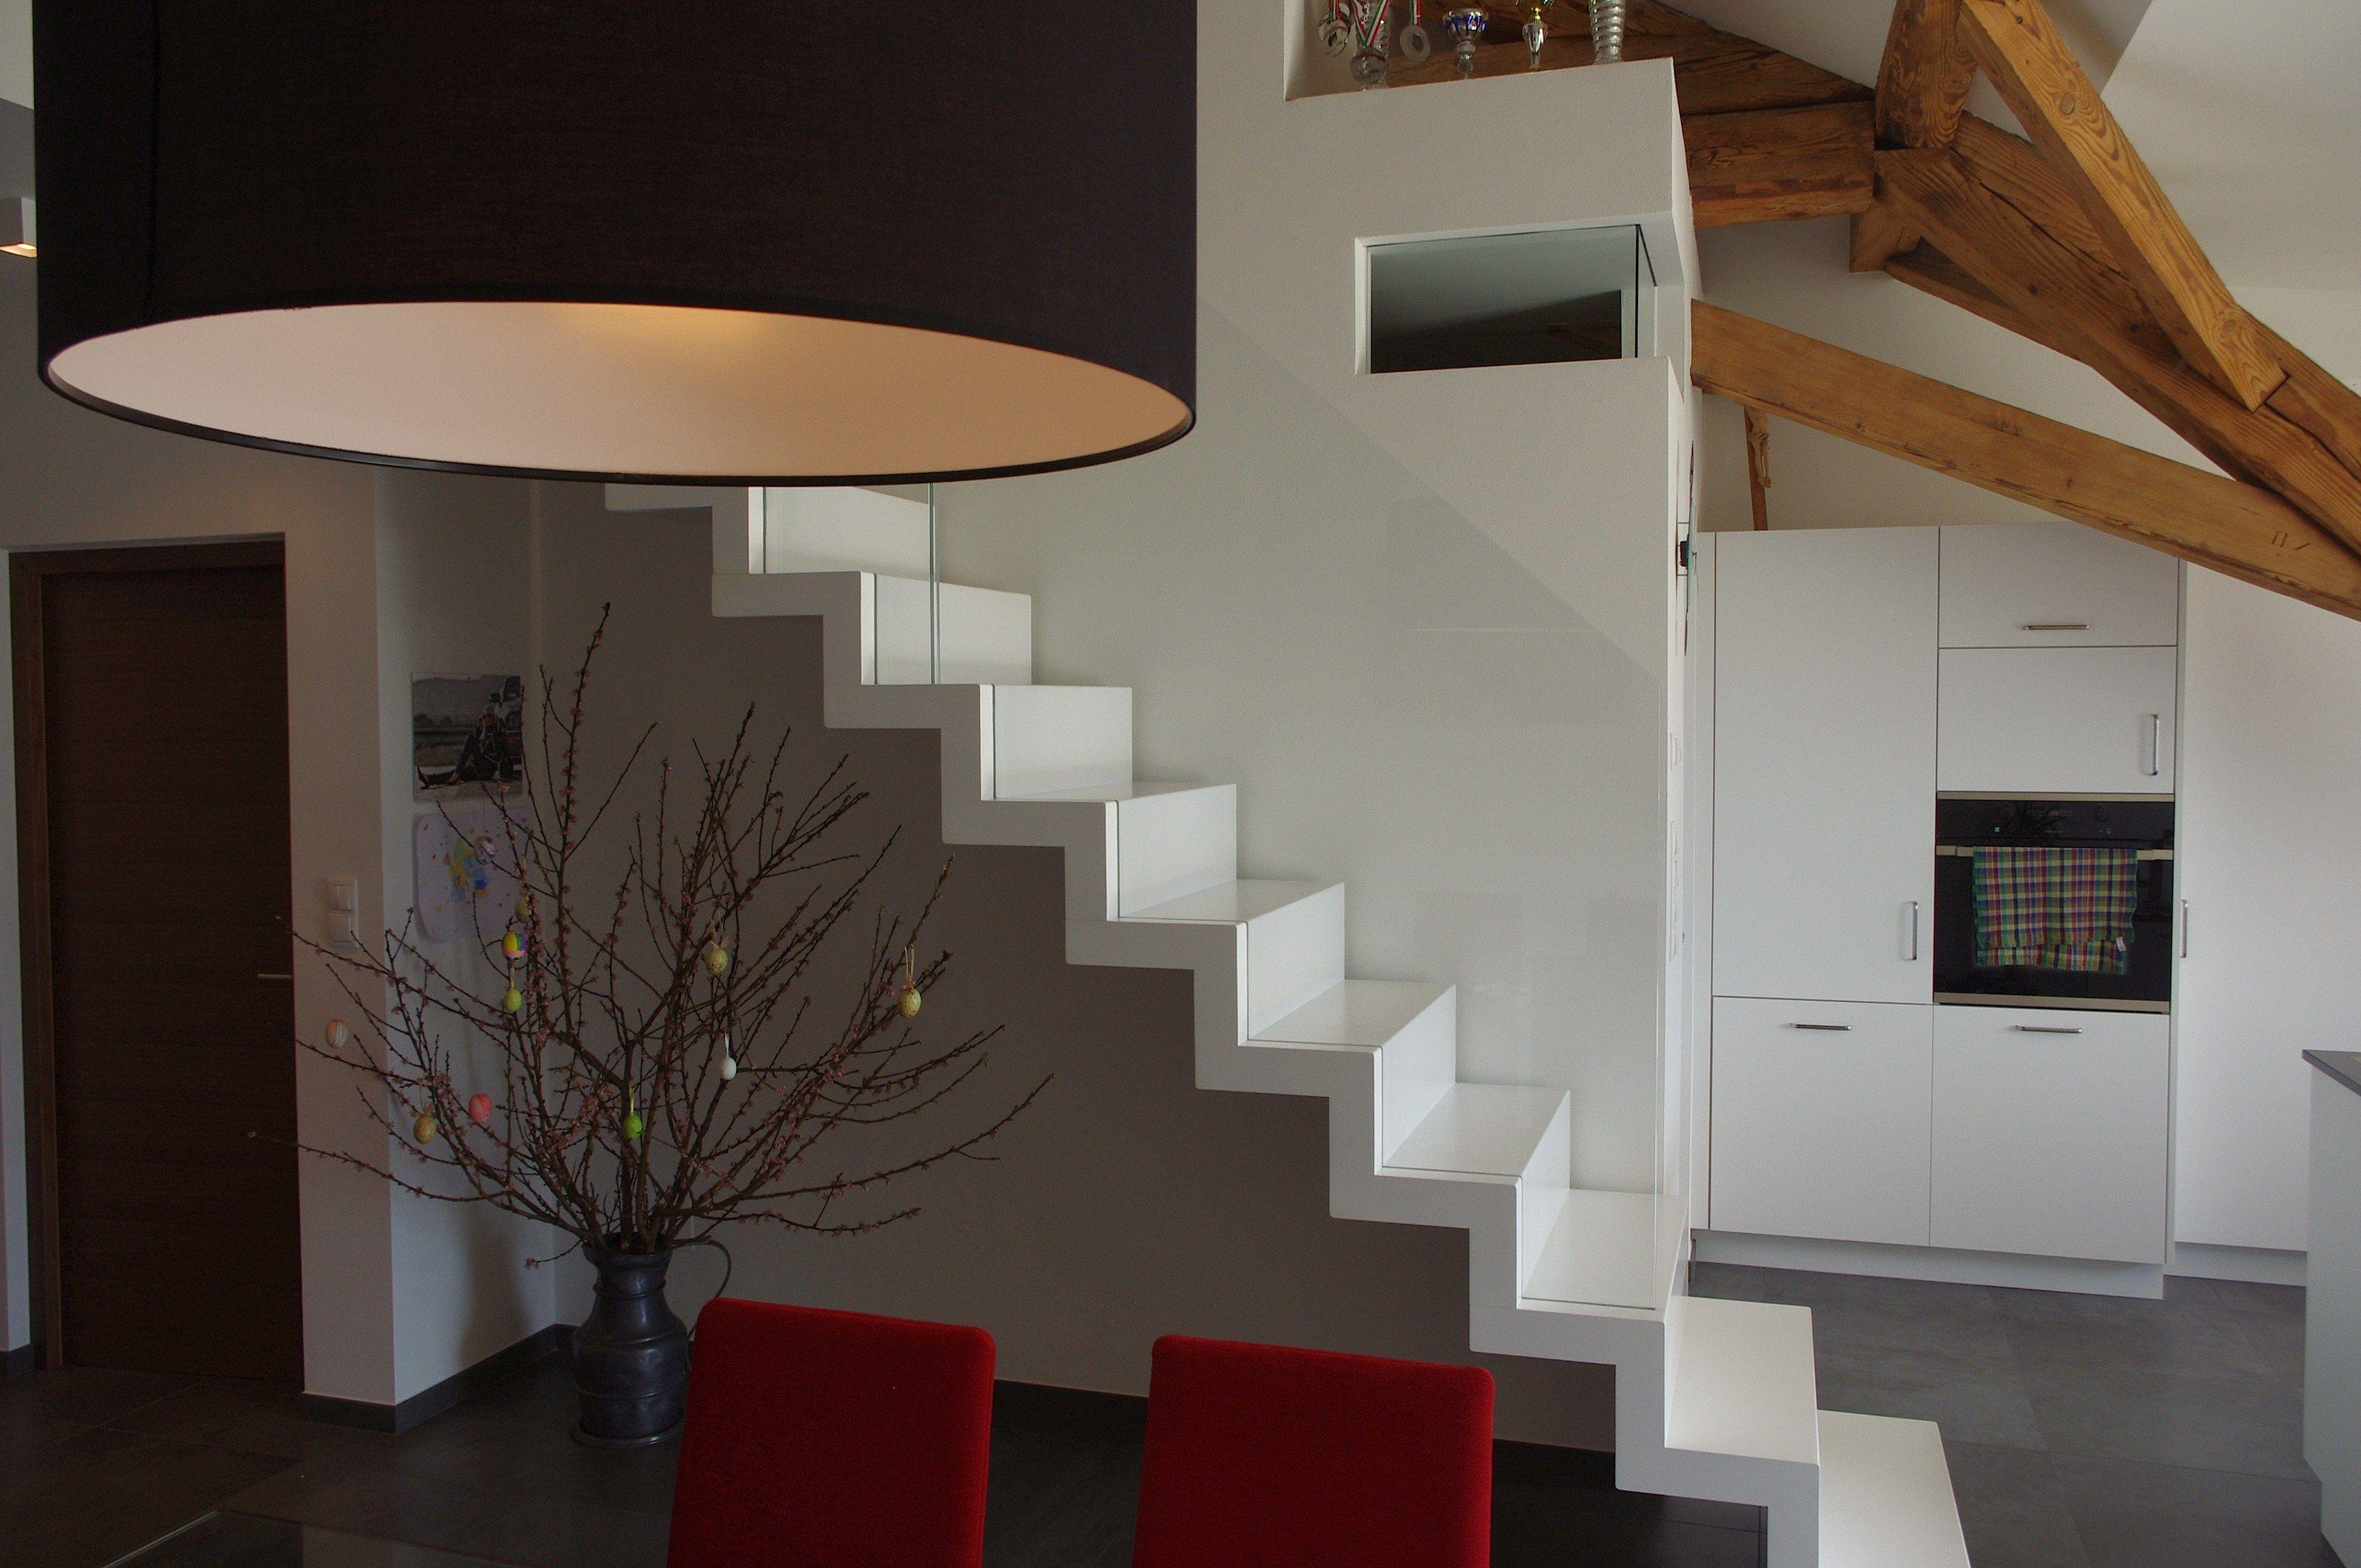 Escalier Ouvert Demi Tournant Autoportant 700 By Interbau